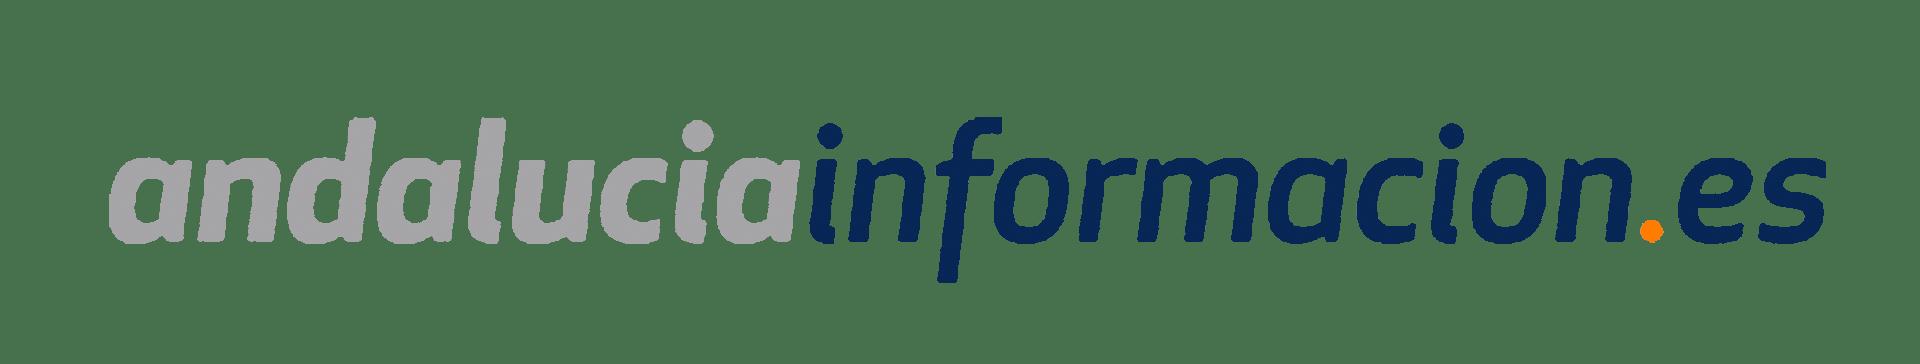 Andalucia Informacion